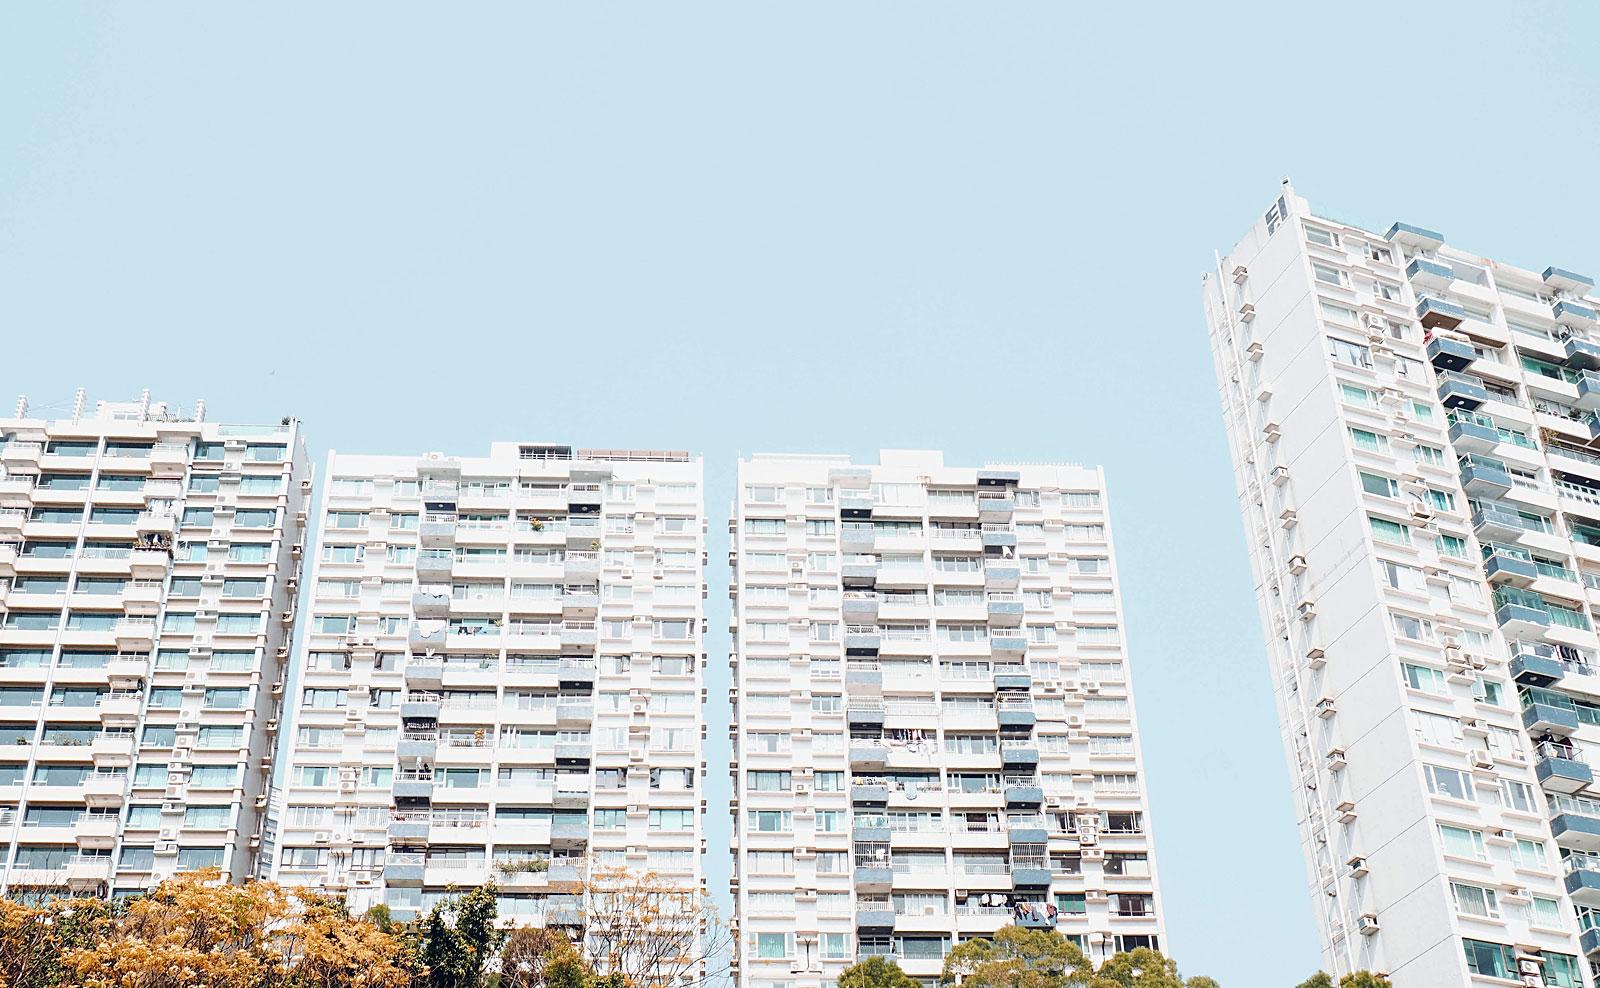 【2021年度版】名古屋市営住宅の入居者募集の時期(スケジュール)について